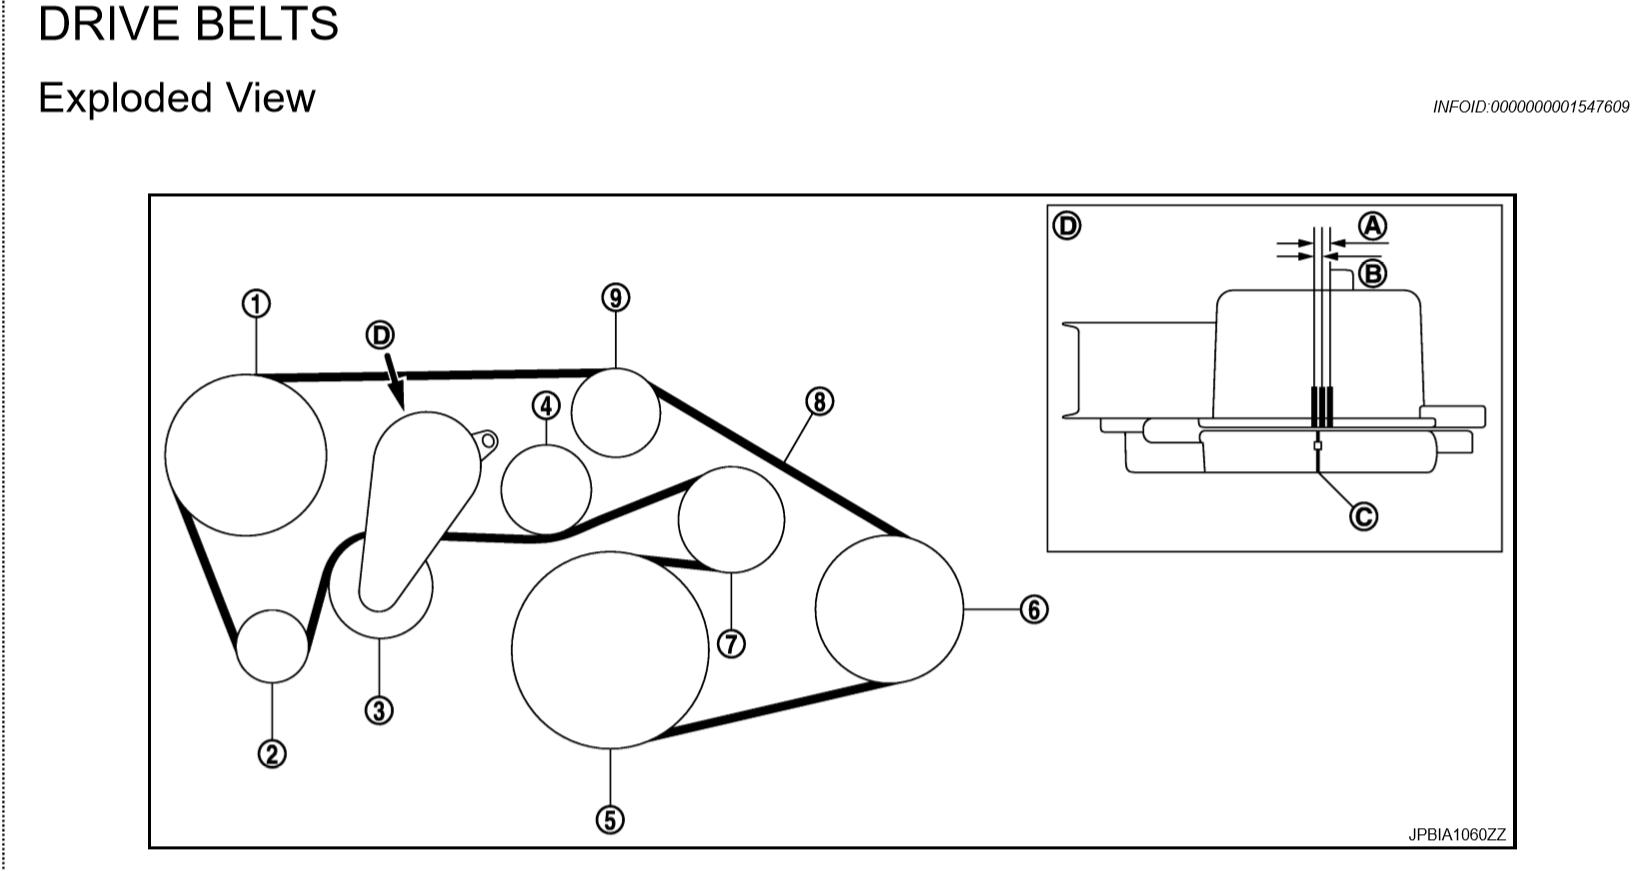 Diy Serpentine Belt Change On An 09 G37